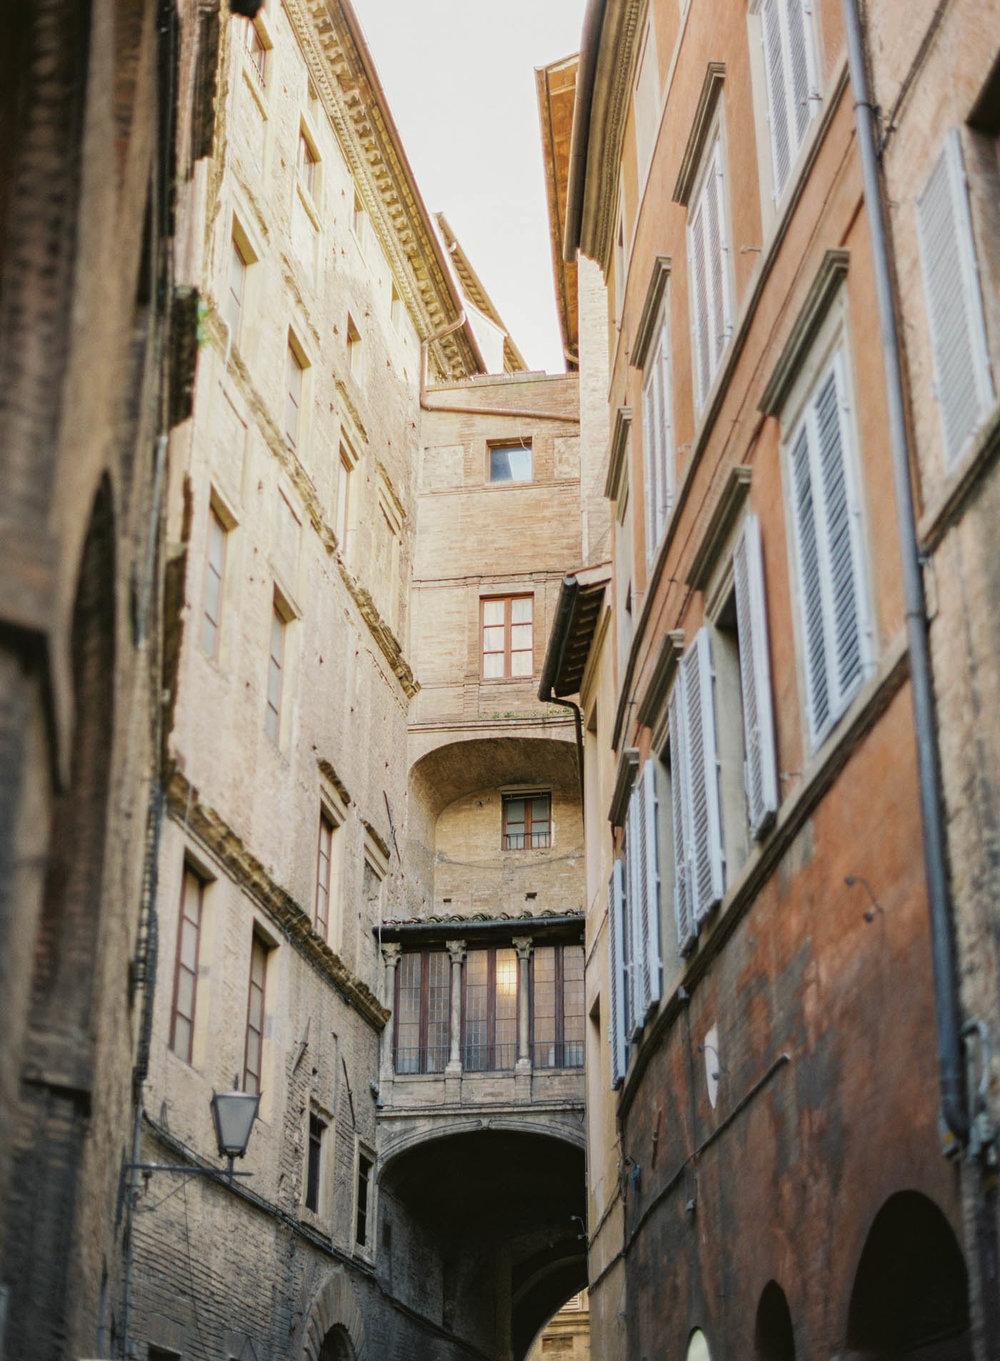 Rome_Travel-5-Jen_Huang-007312-R1-011.jpg